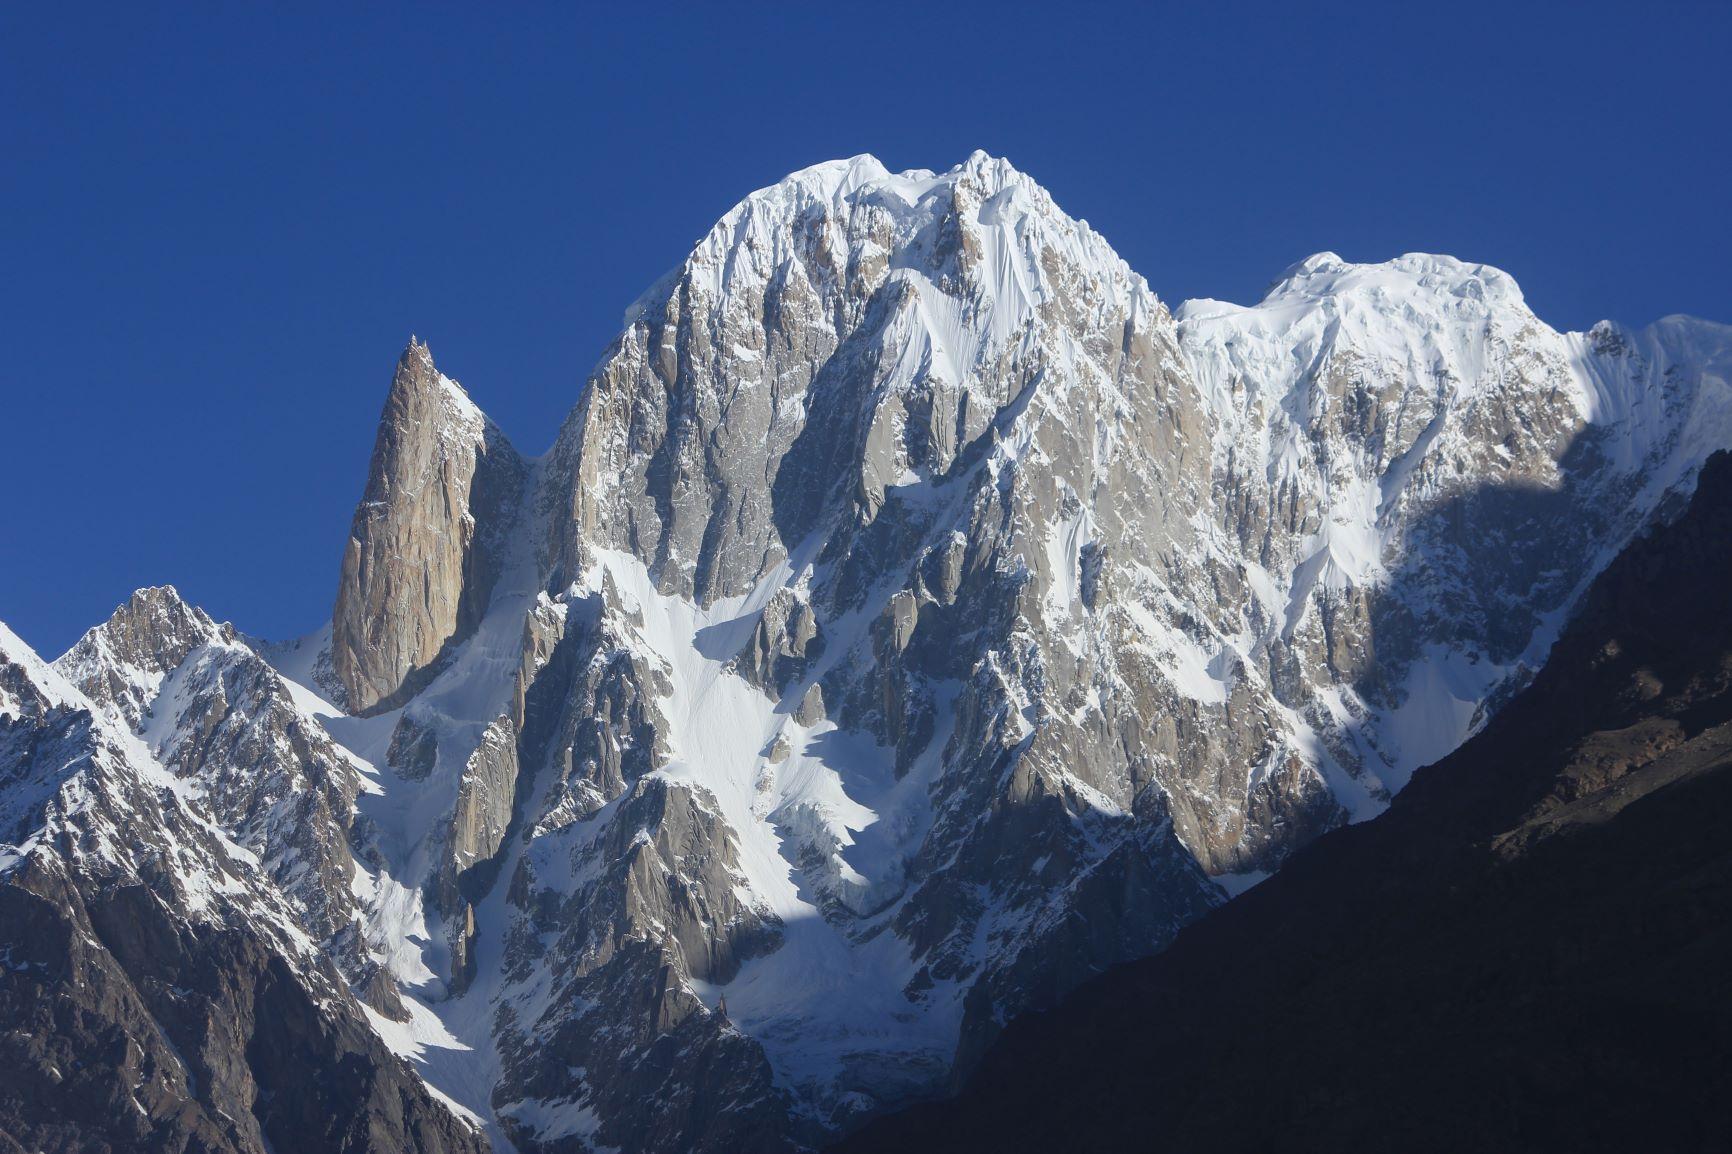 フンザからのレディフィンガー(6,000m)(左)とフンザピーク(6,270m)(右)